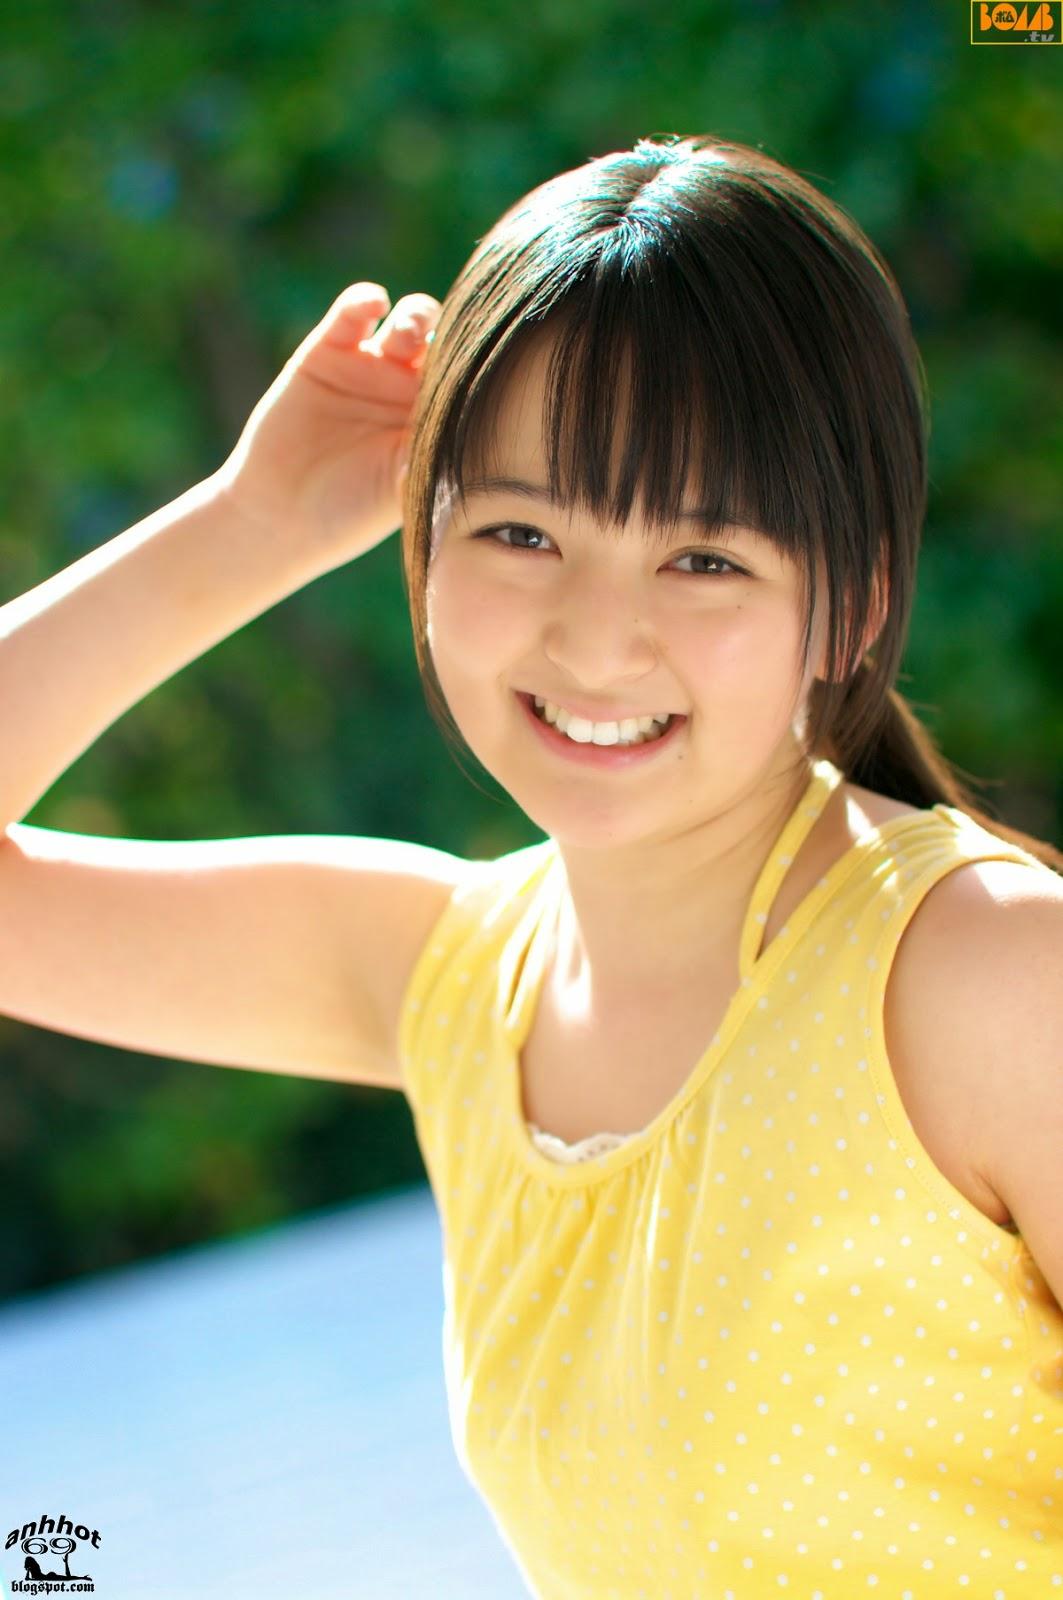 saki-takayama-00855670